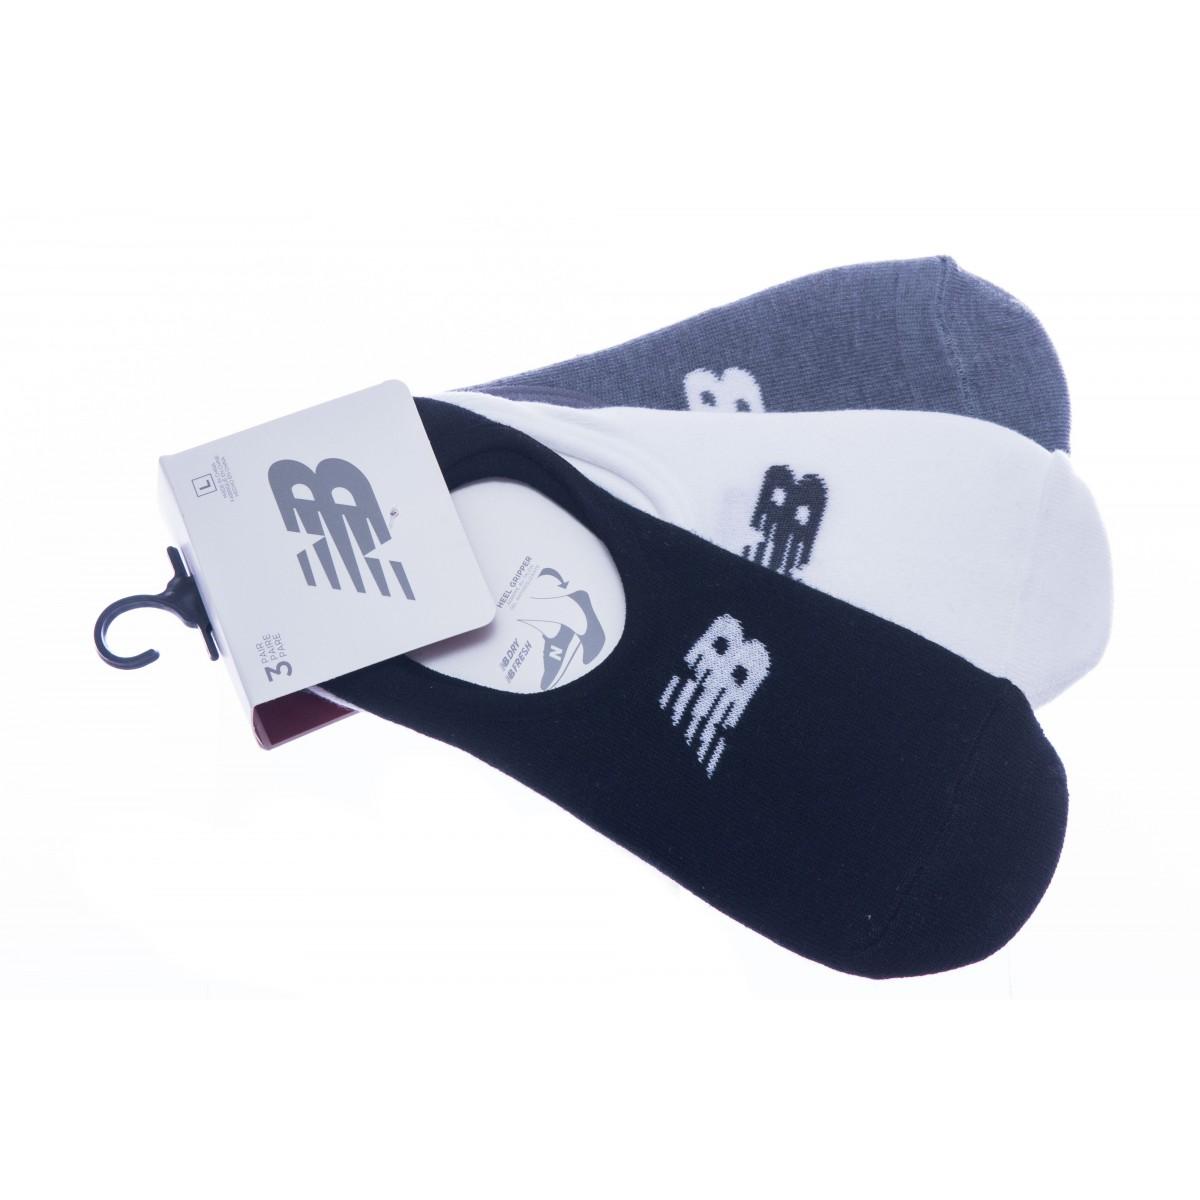 Calza - As20043 calza 3 paia colore misto